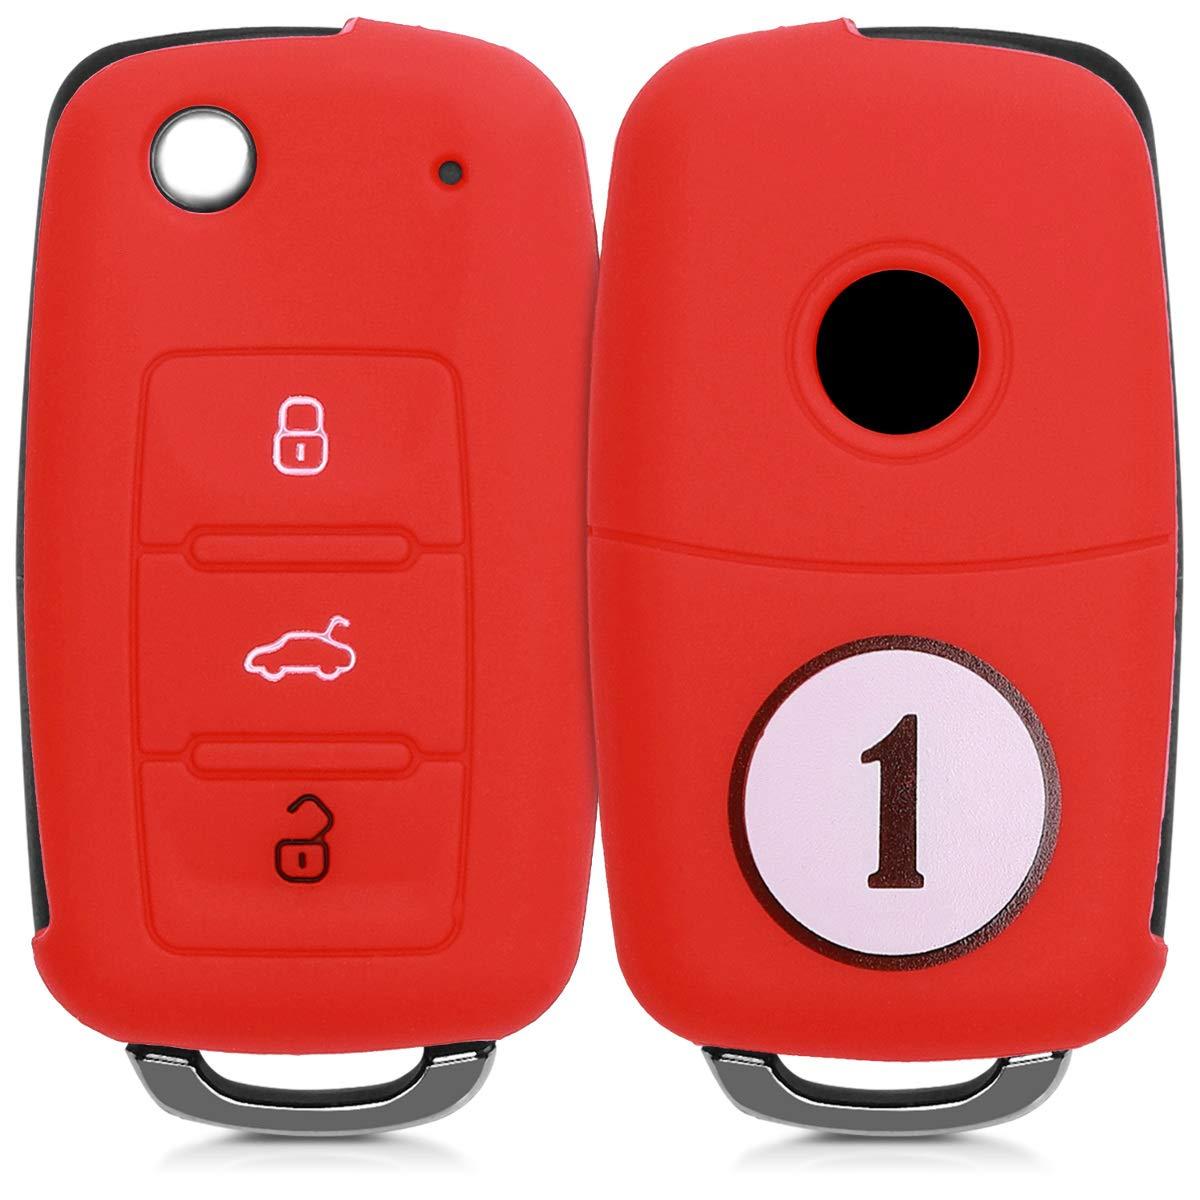 Suave Silicona Rosa Fucsia//Rojo - Case Mando de Auto de kwmobile Funda de Silicona para Llave de 3 Botones para Coche VW Skoda Seat Carcasa Protectora